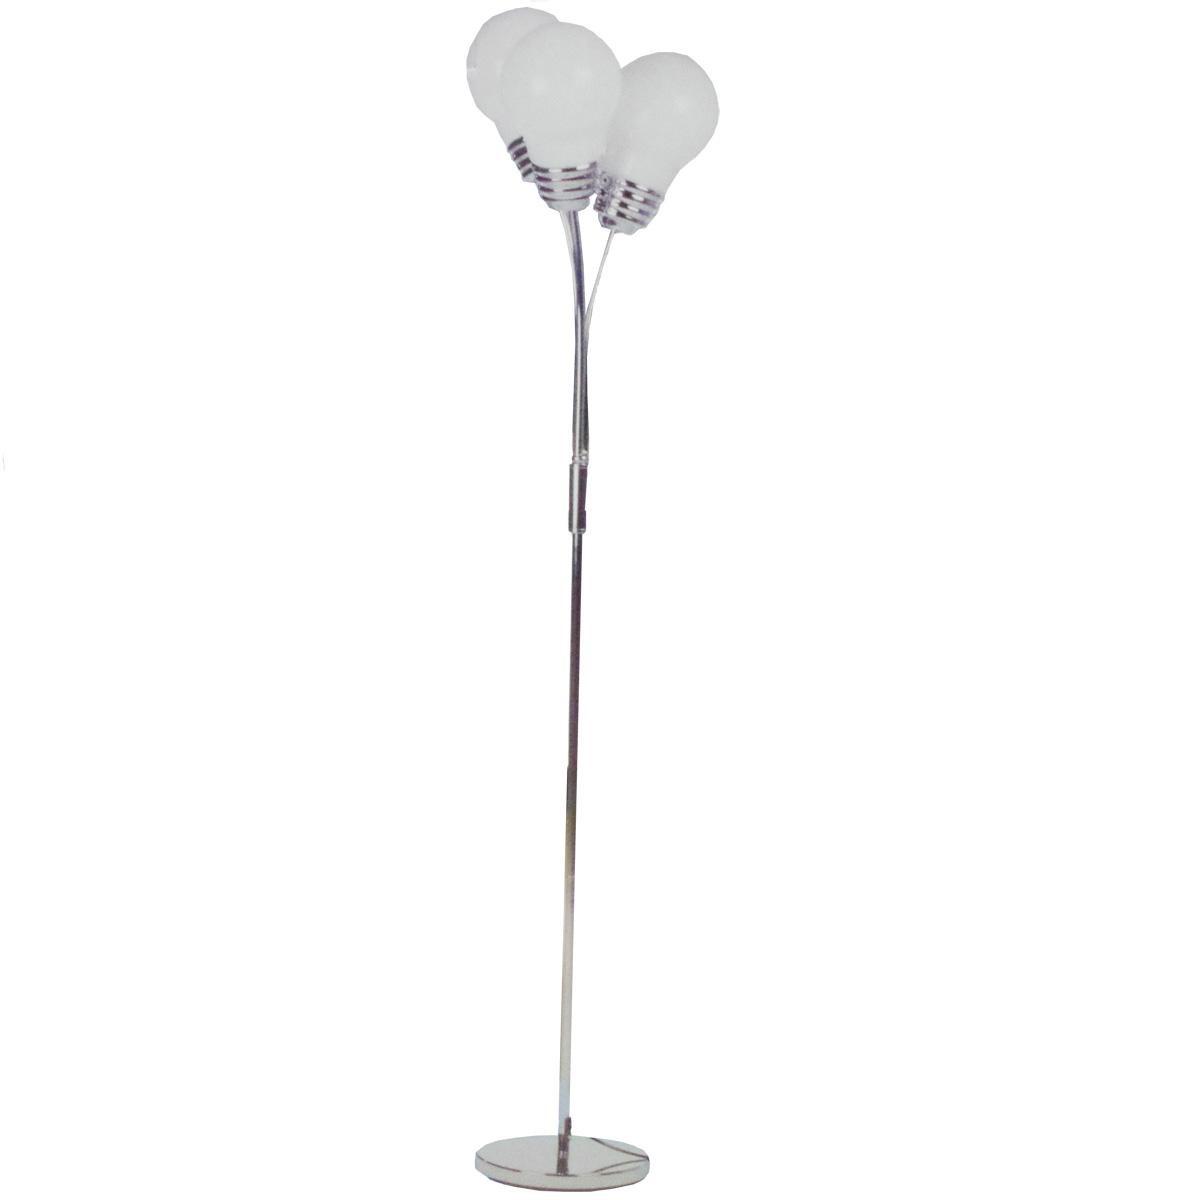 Genial Stehlampe Mit Schirm Beste Wahl Grundig 3glühlampen Schirme 148cm Weiss/chrom Standleuchte Lampe